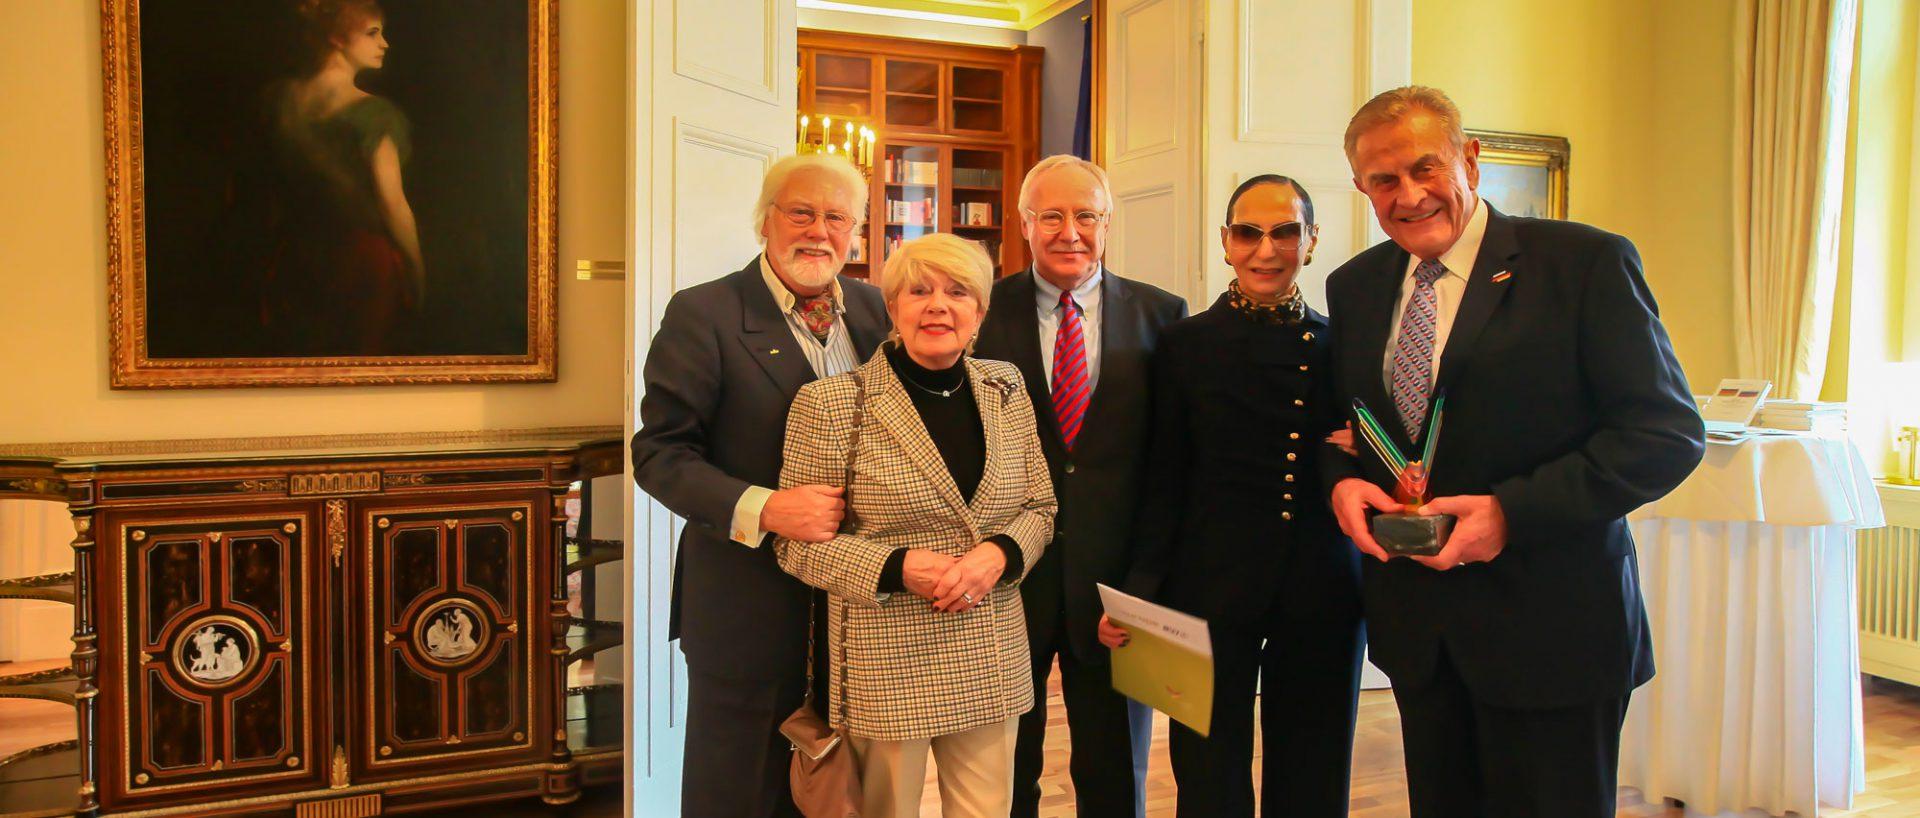 Preisträger Prof. Dr. Bonnenberg, Präsident Tilo Braune und Weggefährten